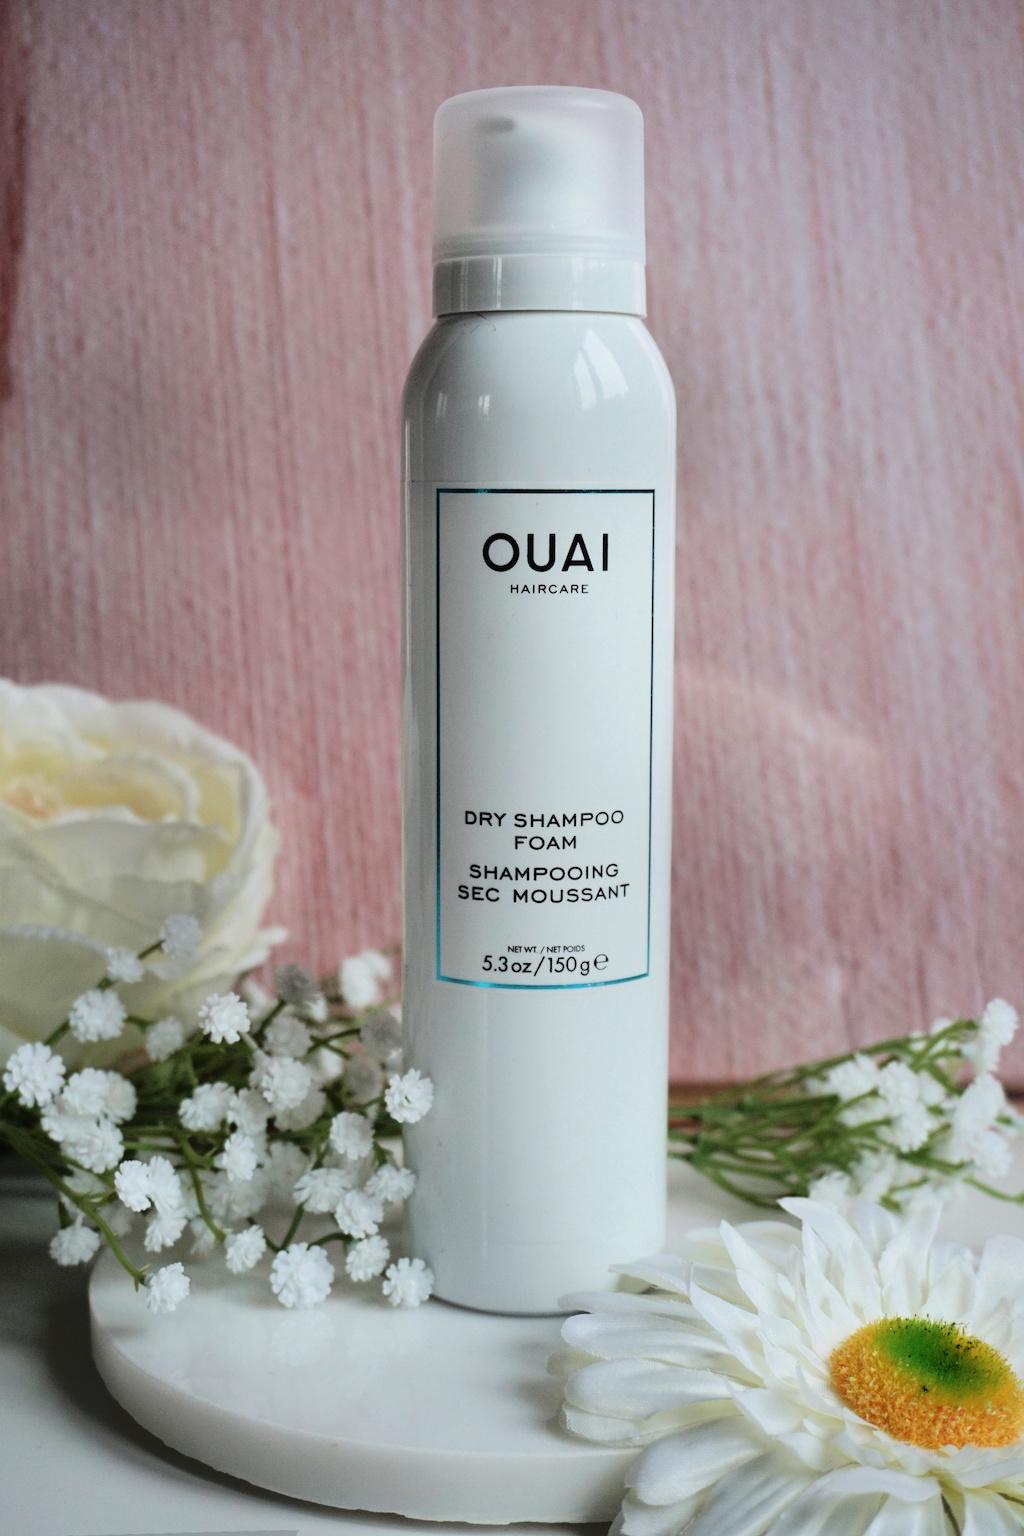 OUAI Dry Shampoo Foam Droogshampoo Review